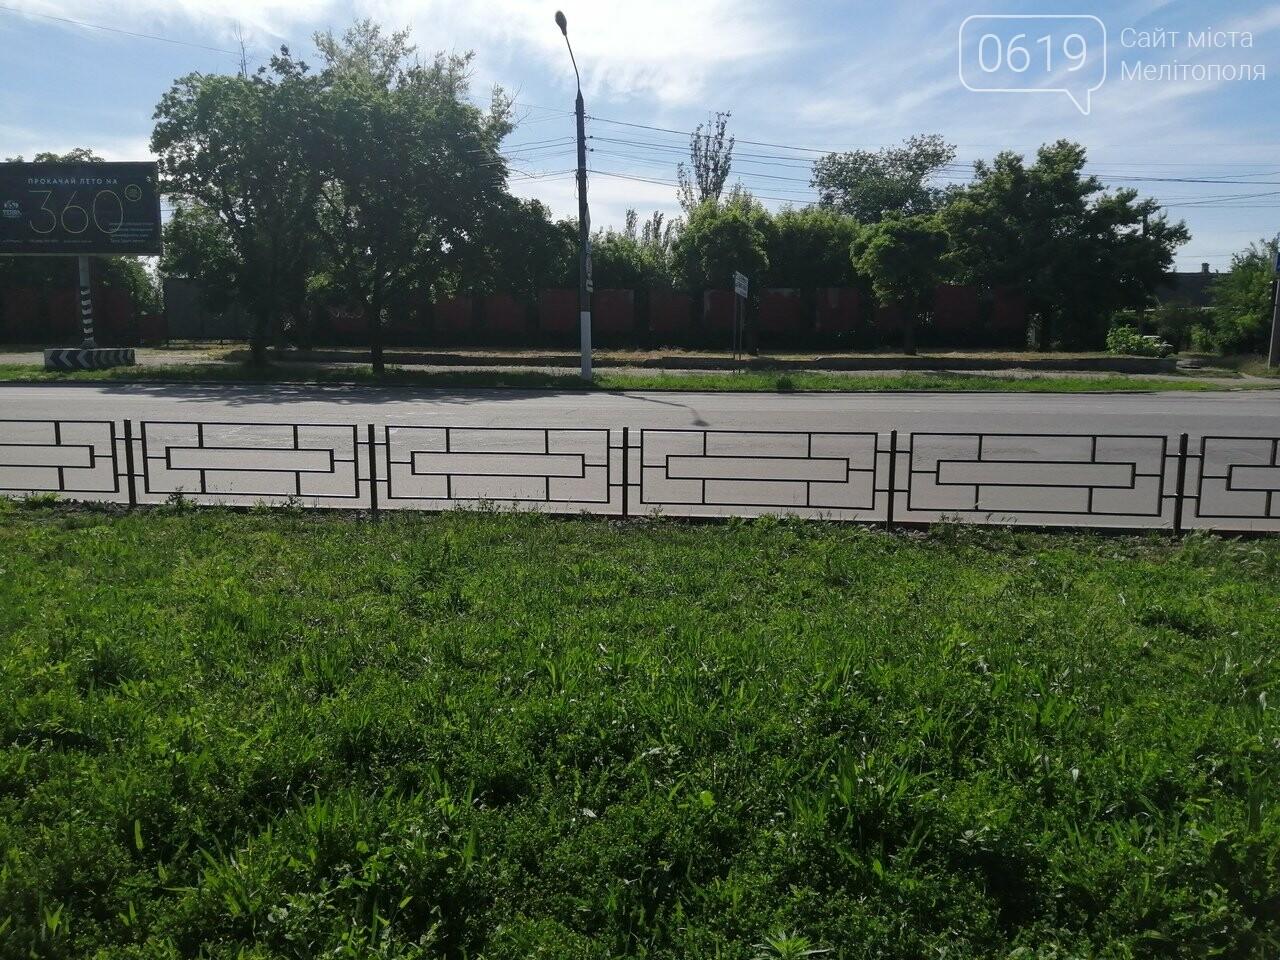 В Мелитополе около остановки появилось ограждение , фото-2, Фото сайта 0619